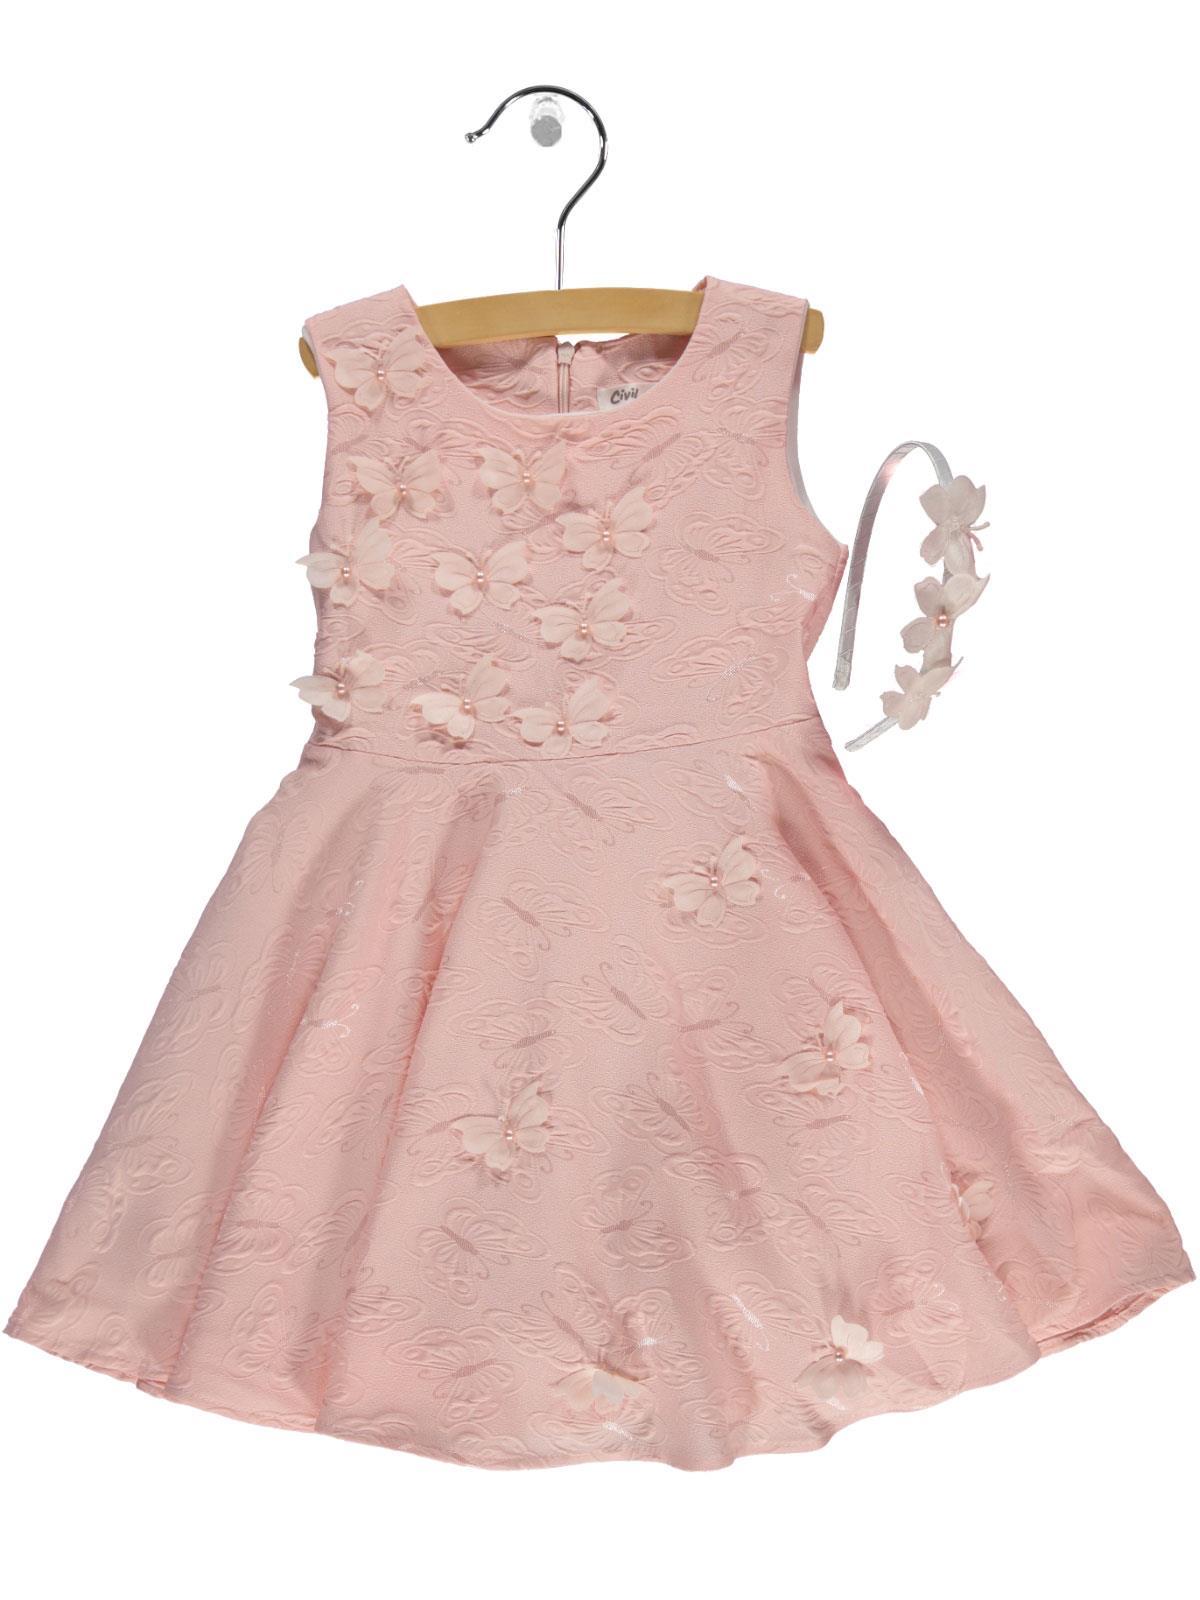 b448d7fd6cc4c 2358 / SMN Civil Girls Kız Çocuk Elbise 6-9 Yaş Somon